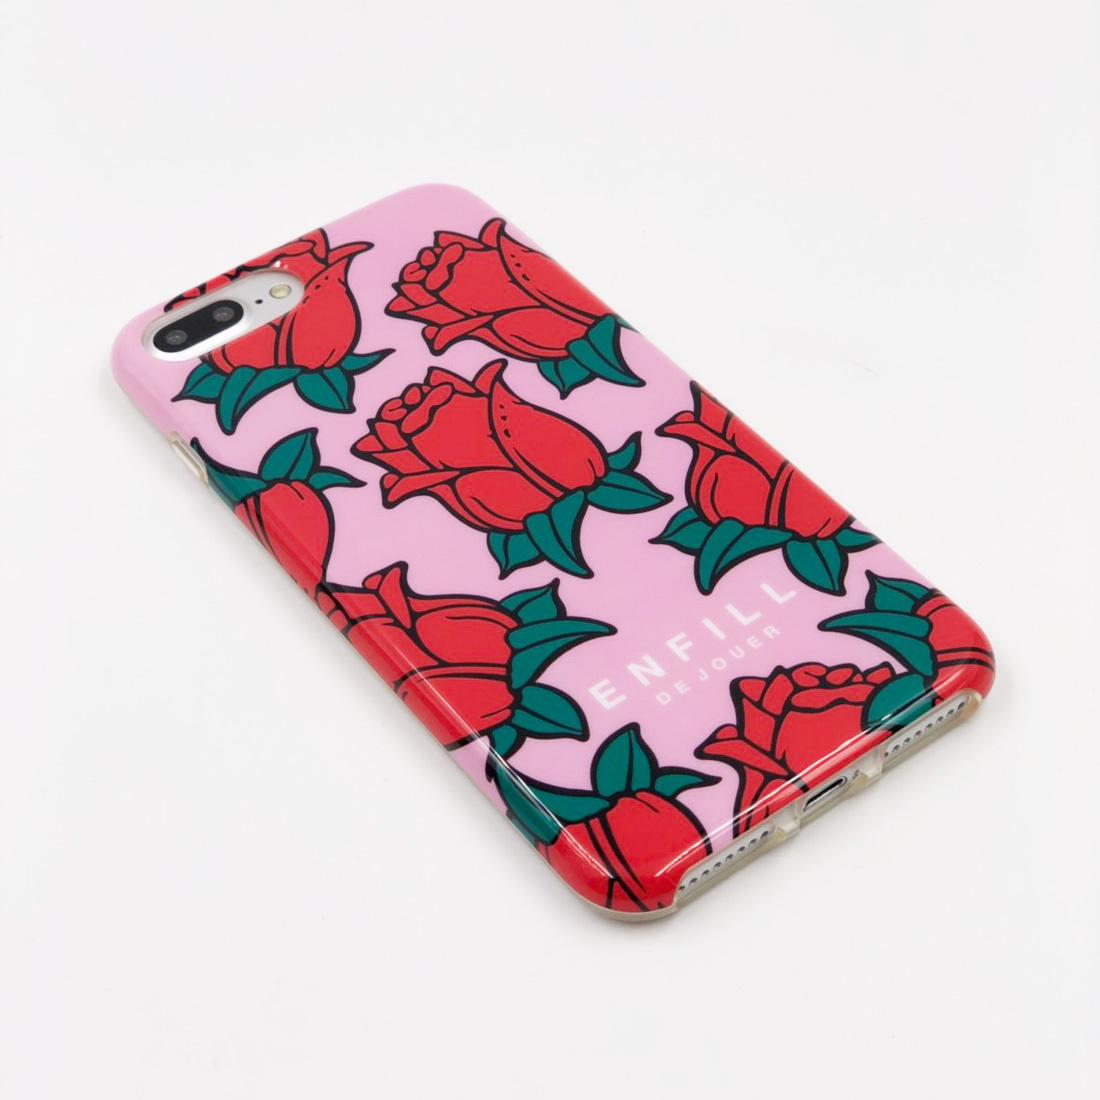 """TPU CASE """"ROSE LOVE"""" for iPhone8/7/6s/6 Plusケース"""